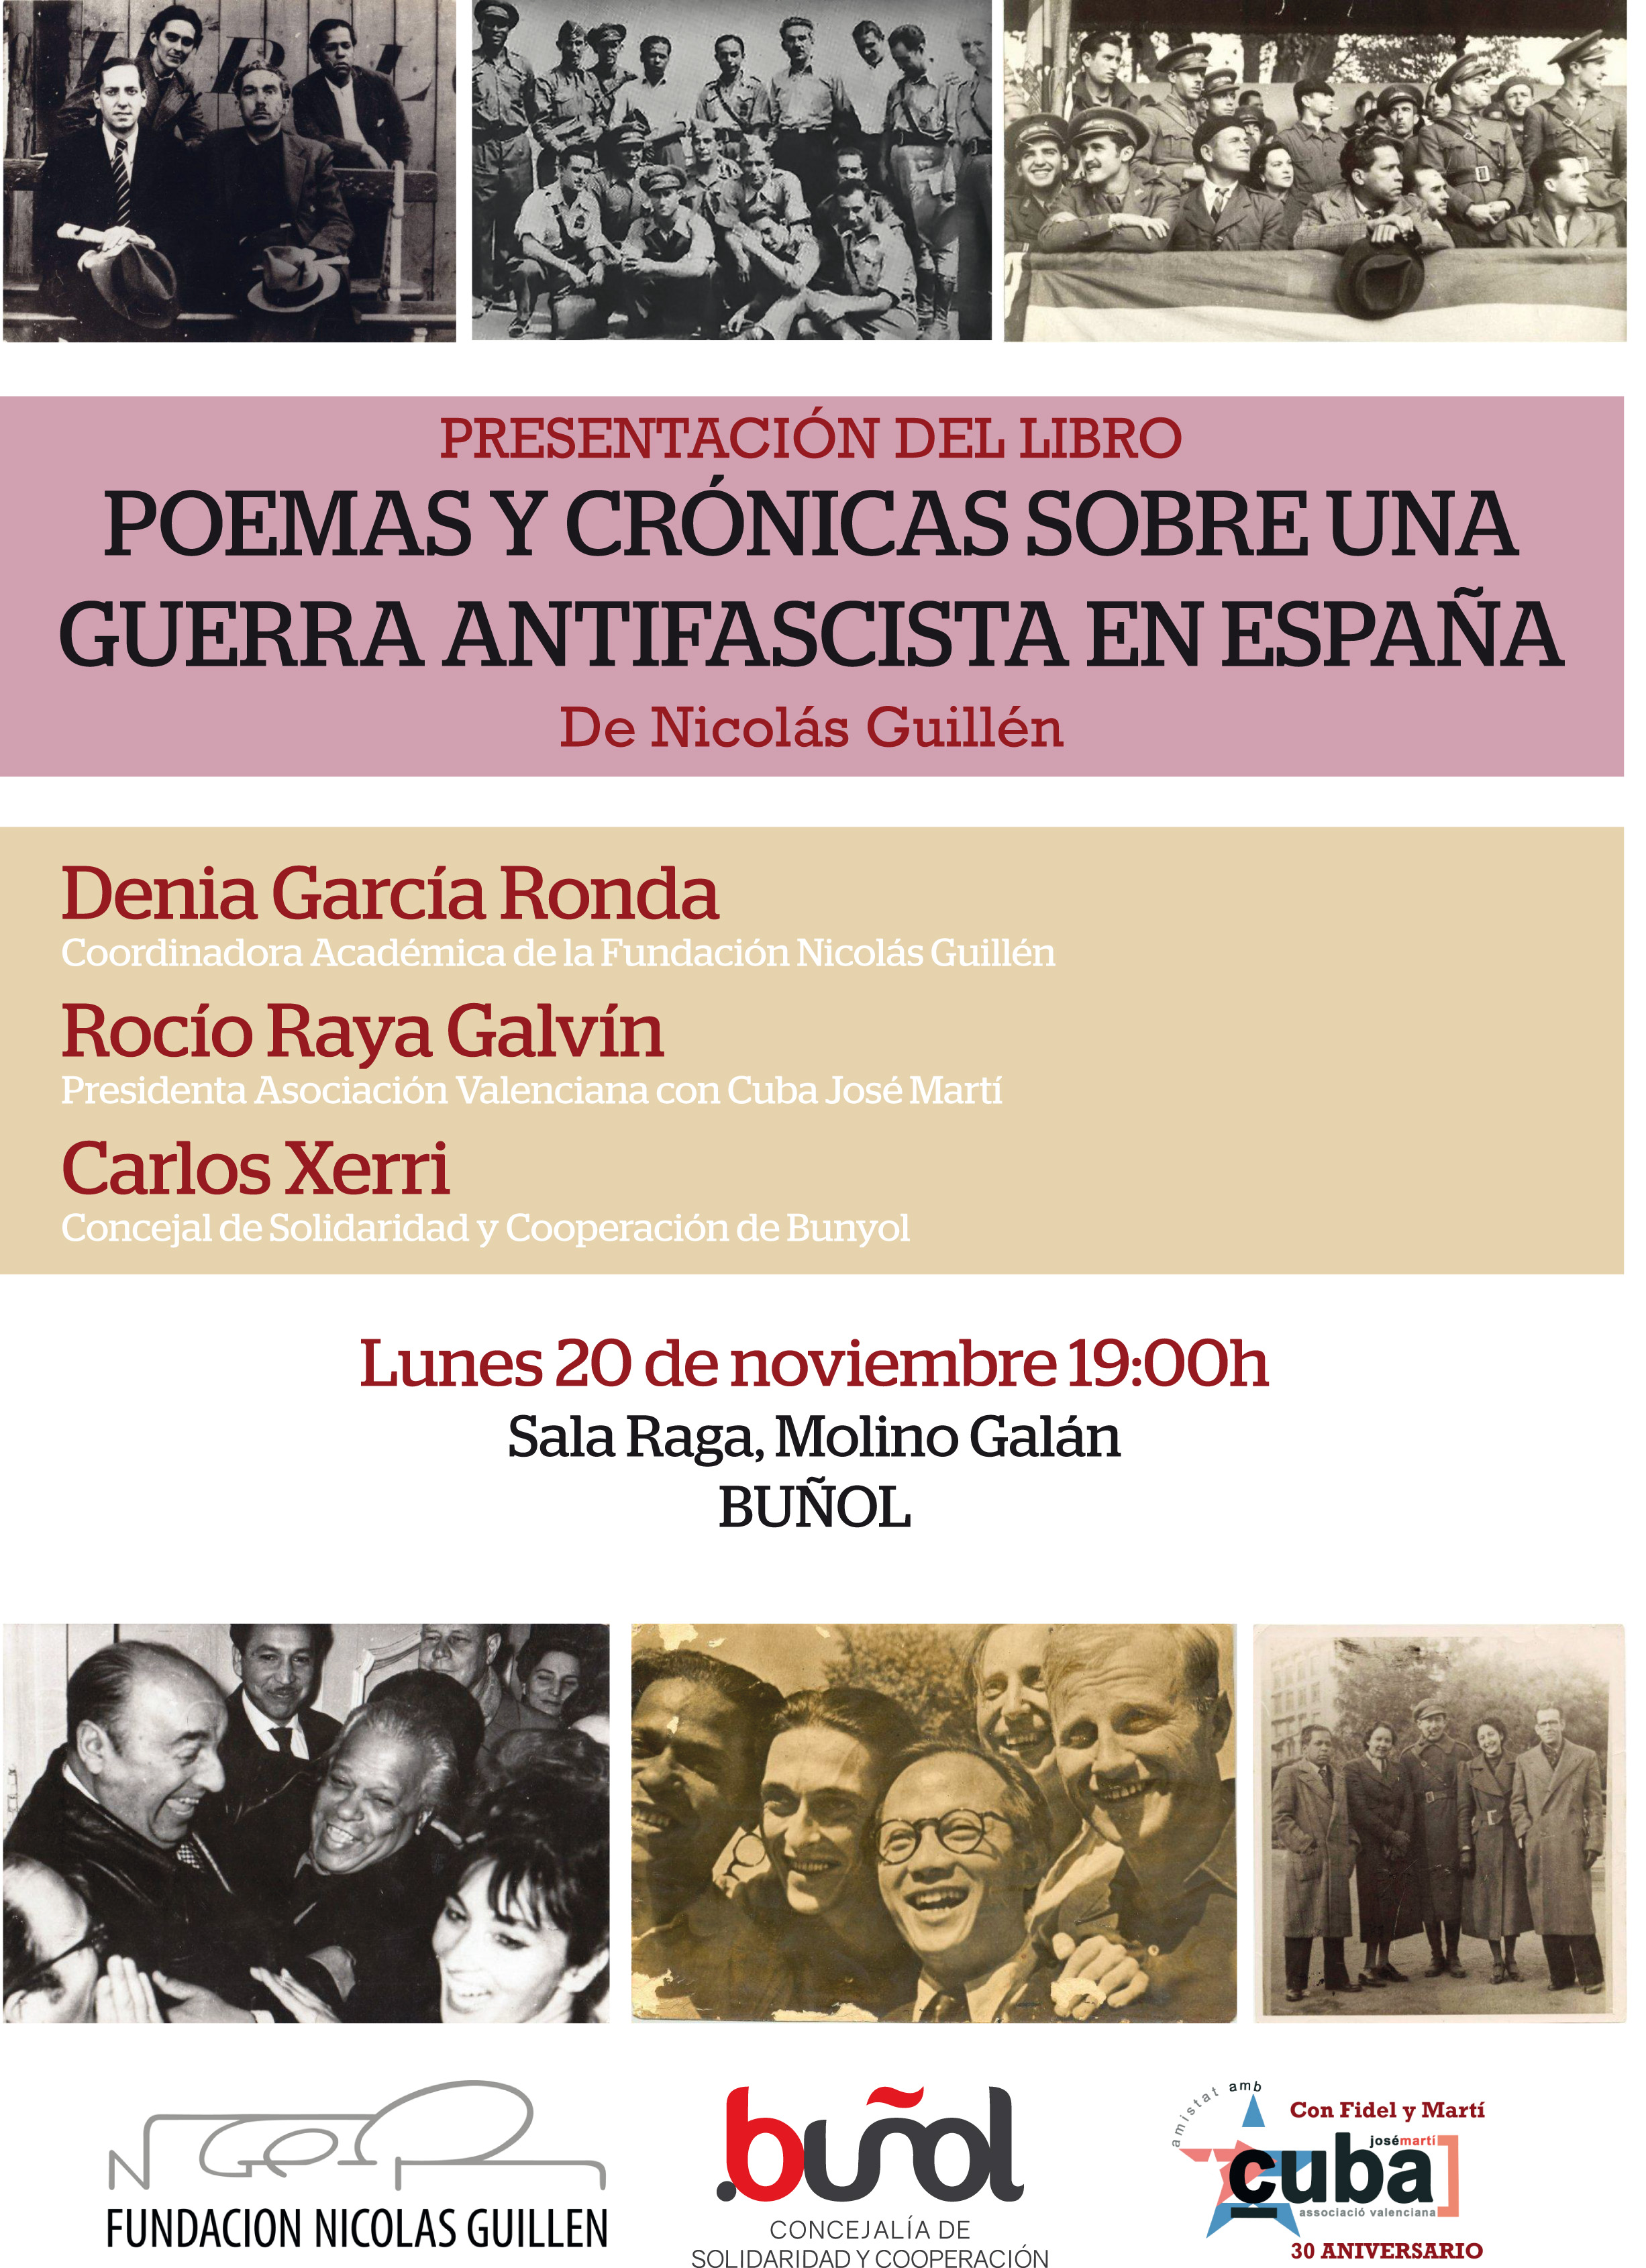 Este acto está enmarcado dentro del 80º aniversario del II Congreso de Intelectuales en Defensa de la Cultura, que se celebró en Valencia en 1937.